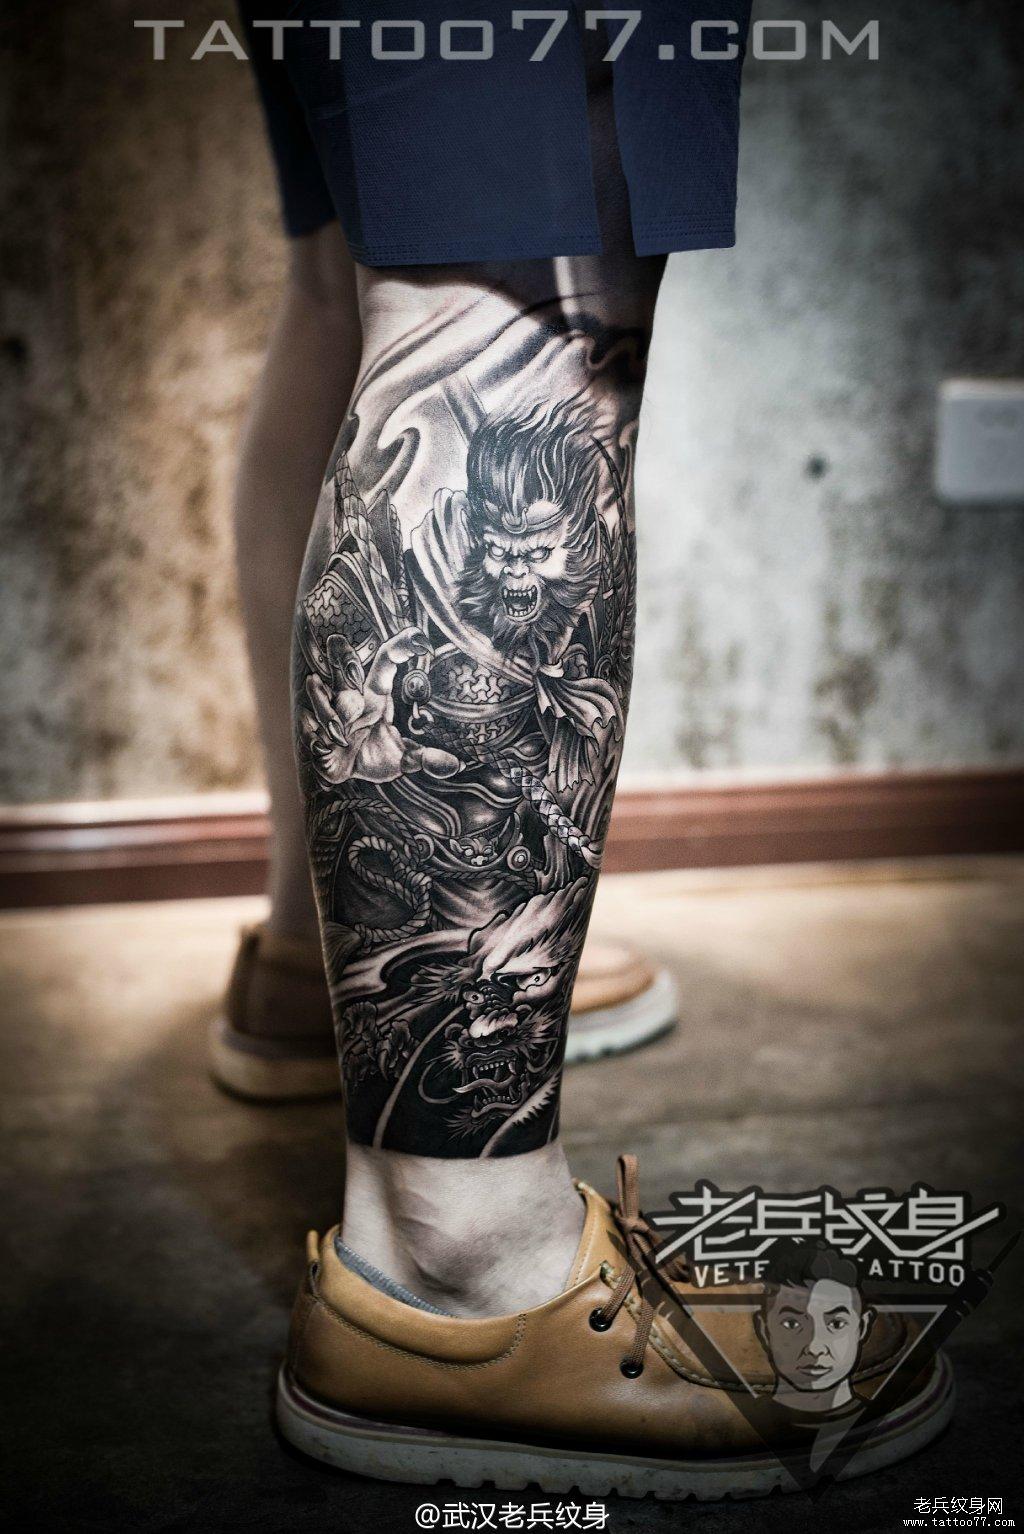 黑灰作品  武汉纹身店 纹身图案大全  0 喜欢   浏览  小腿孙悟空刺青